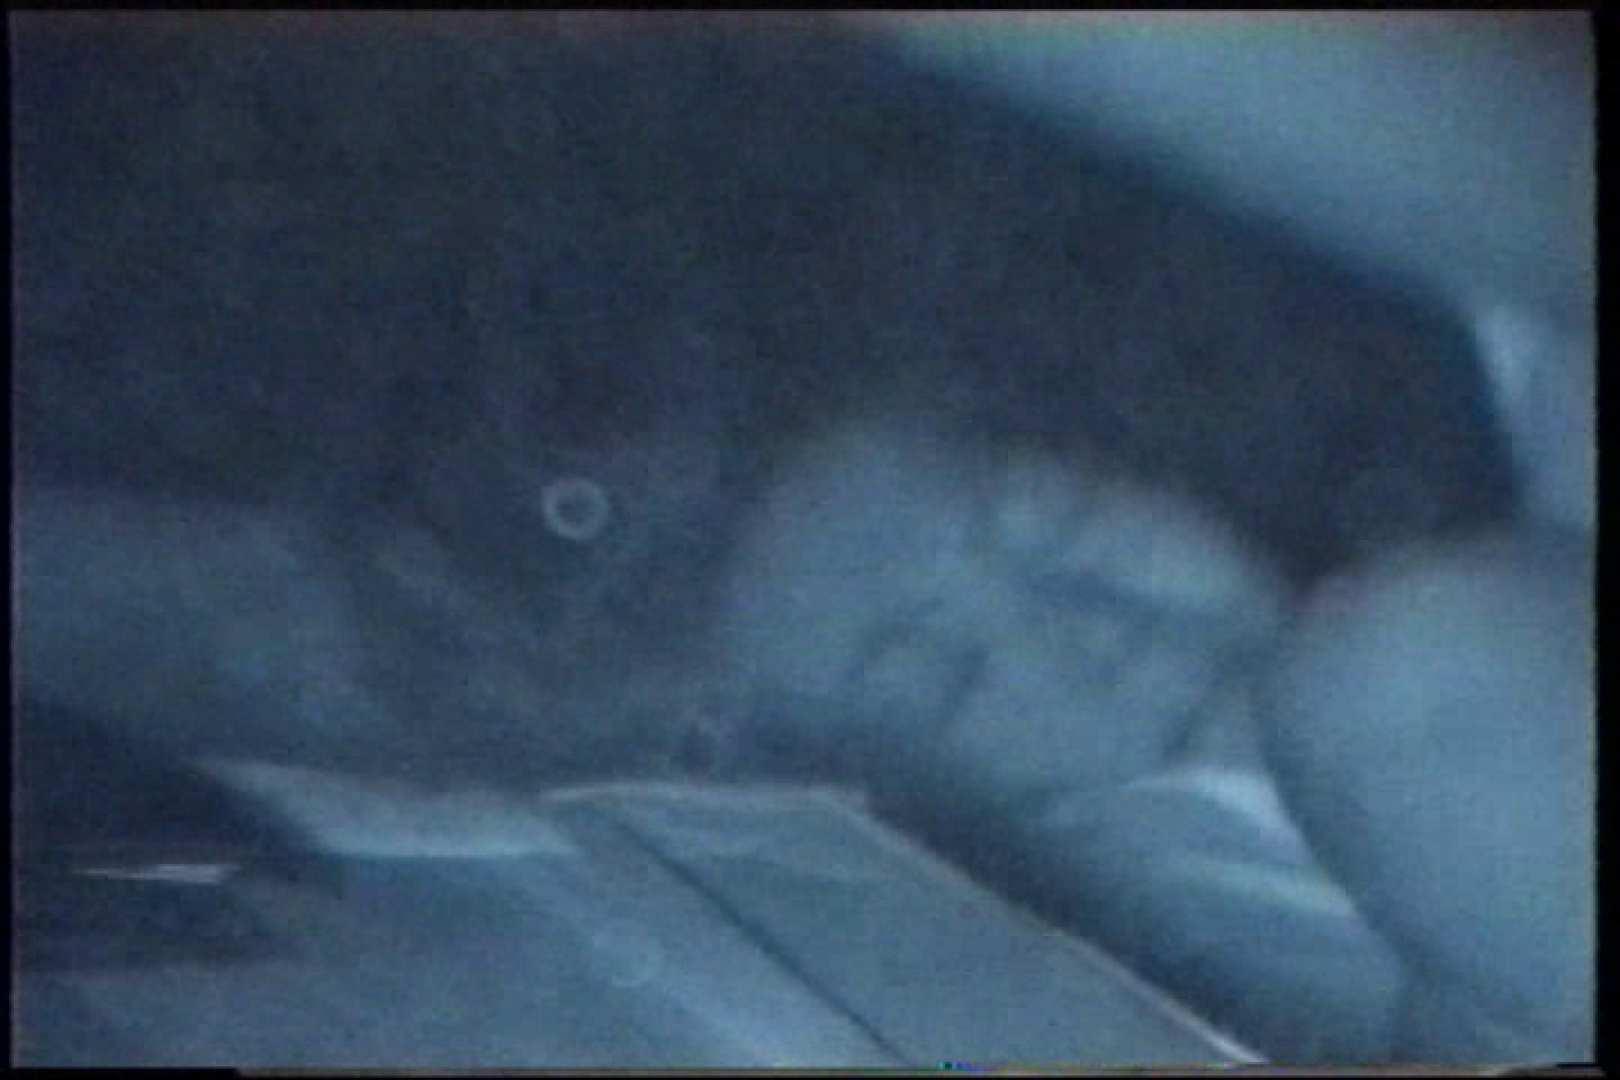 充血監督の深夜の運動会Vol.209 美しいOLの裸体 オメコ動画キャプチャ 102pic 44